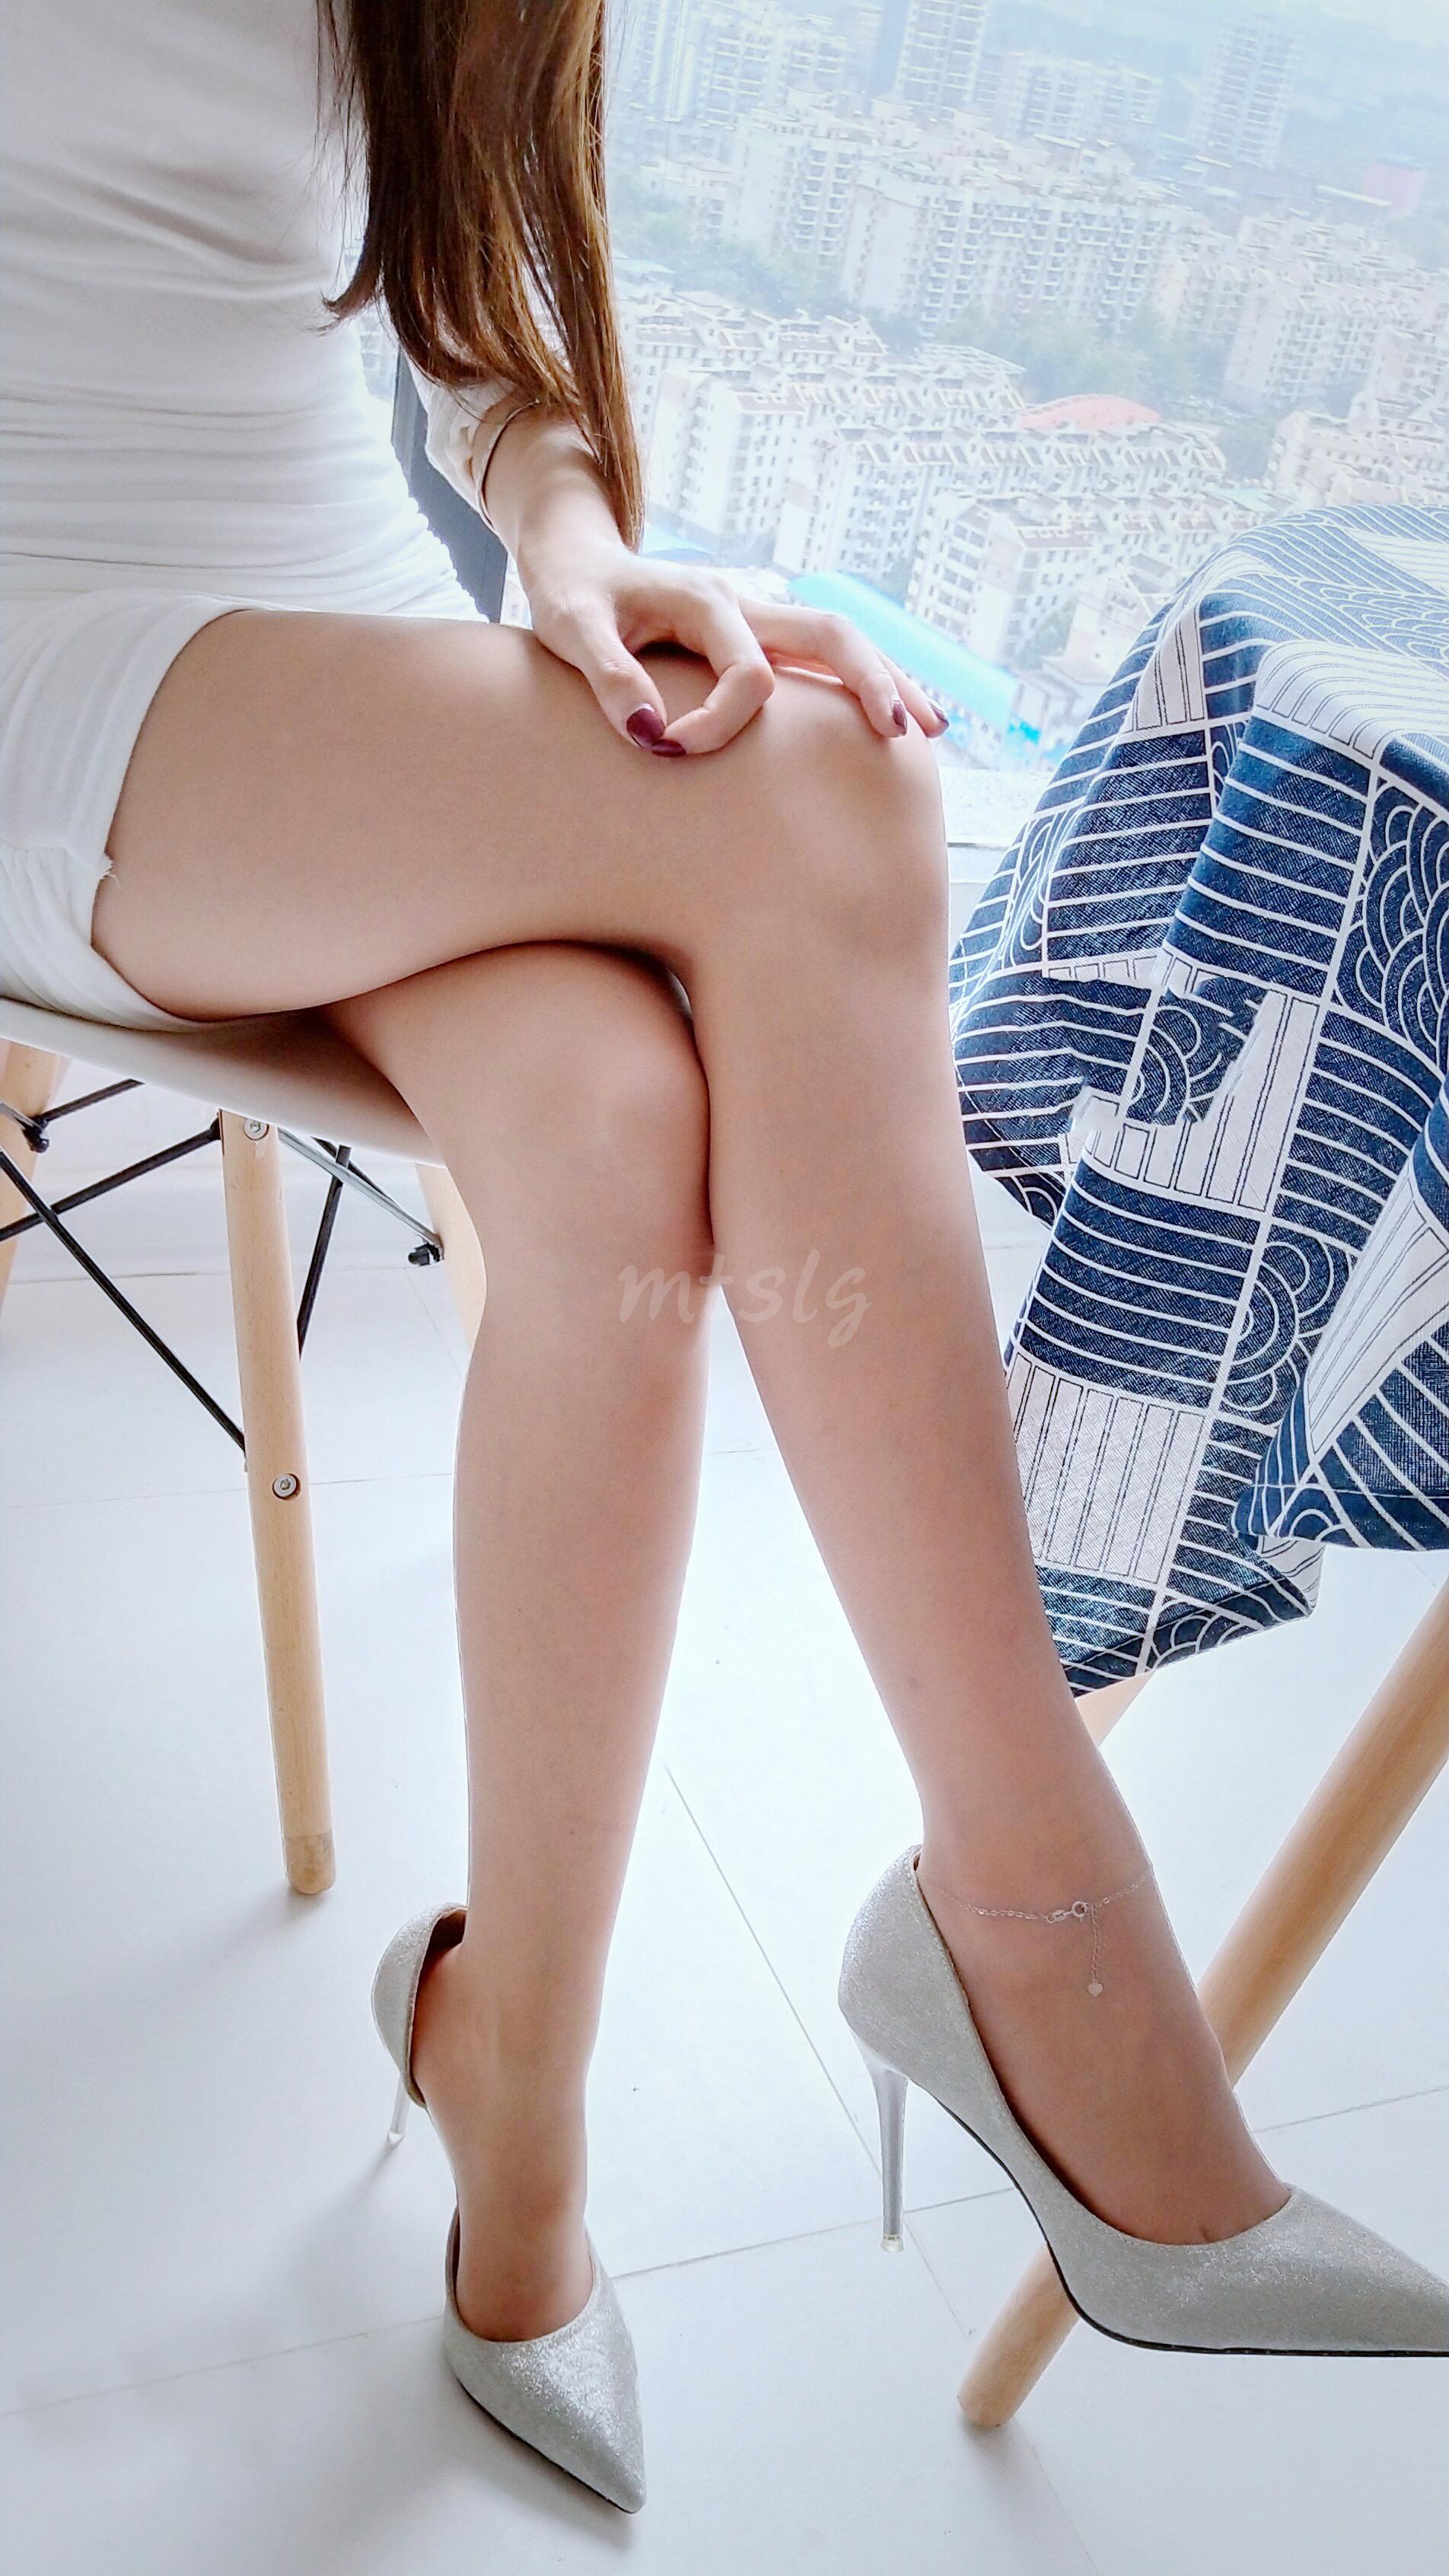 大长腿小姐姐 这双腿太美了 妹子